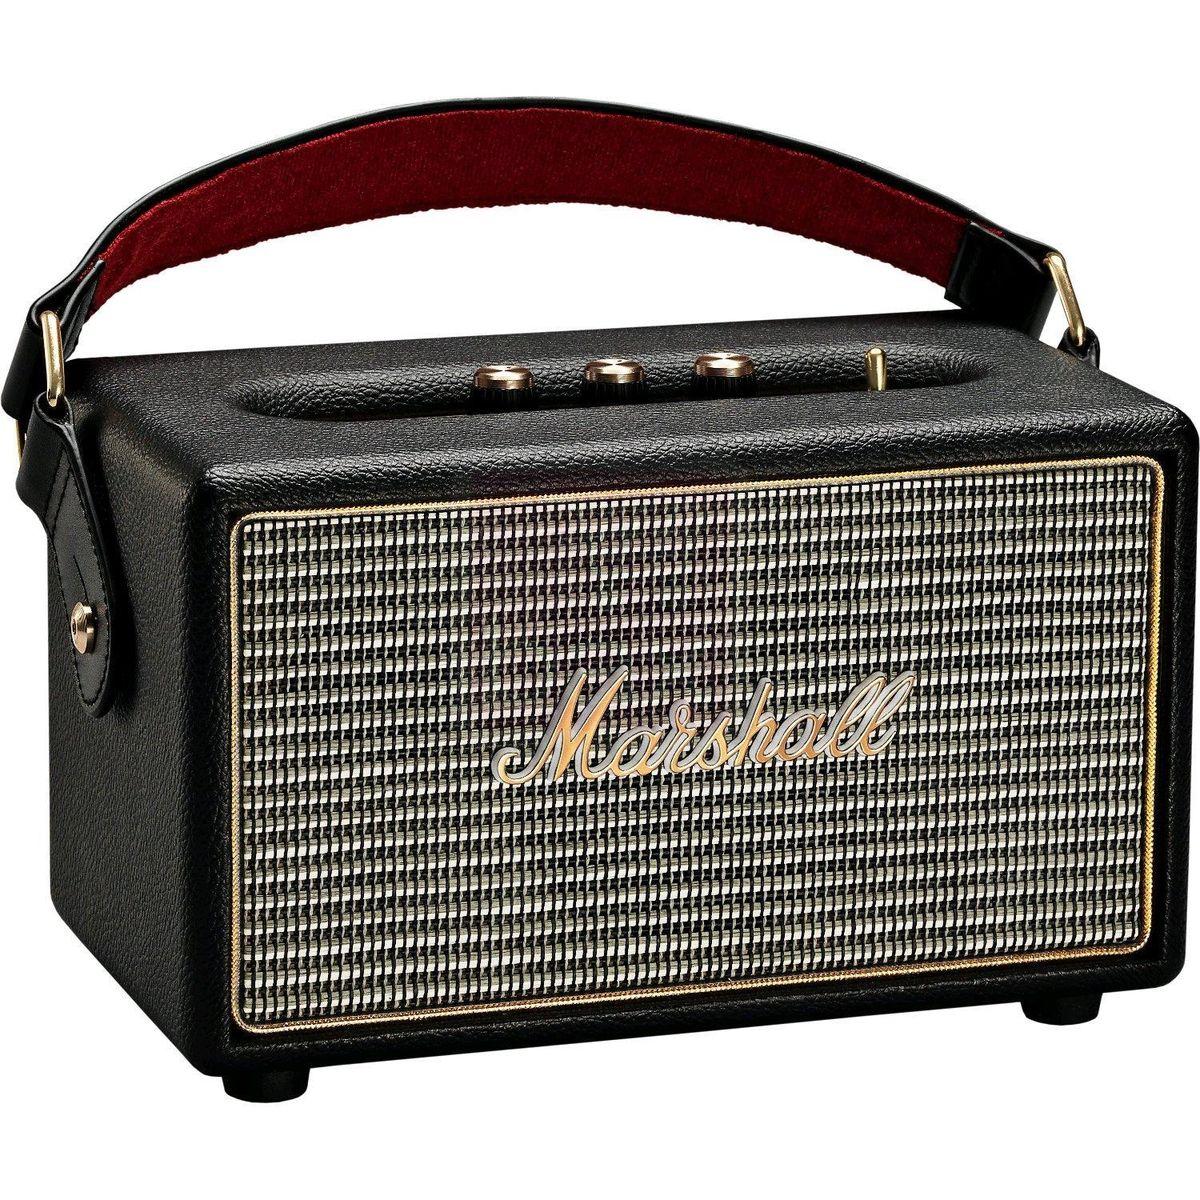 Marshall Kilburn, Black акустическая система7340055313834The Kilburn - это первая колонка в линейке акустики Marshall, освобожденная от проводов. Небольшая, весом всего в 3 килограмма, она может похвастаться одними из самых громких динамиков в своем классе, которые обеспечивают не только мощный бас, но и широкую звуковую сцену, четкую панораму и детализированное звучание. По традиции устройство выполнено в стиле олдскульных гитарных усилителей: обтянутый винилом корпус, металлическая решетка на динамиках с легендарным логотипом на ней, аналоговые переключатели и ручки регулировок золотого цвета. Путешествуйте налегке вместе с Marshall Kilburn: кожаный ремешок в гитарном стиле позволит брать с собой колонку в любые путешествия, а встроенный аккумулятор обеспечит до 18 часов наслаждения вашей любимой музыкой без подзарядки. Частота кроссовера: 4200 Гц